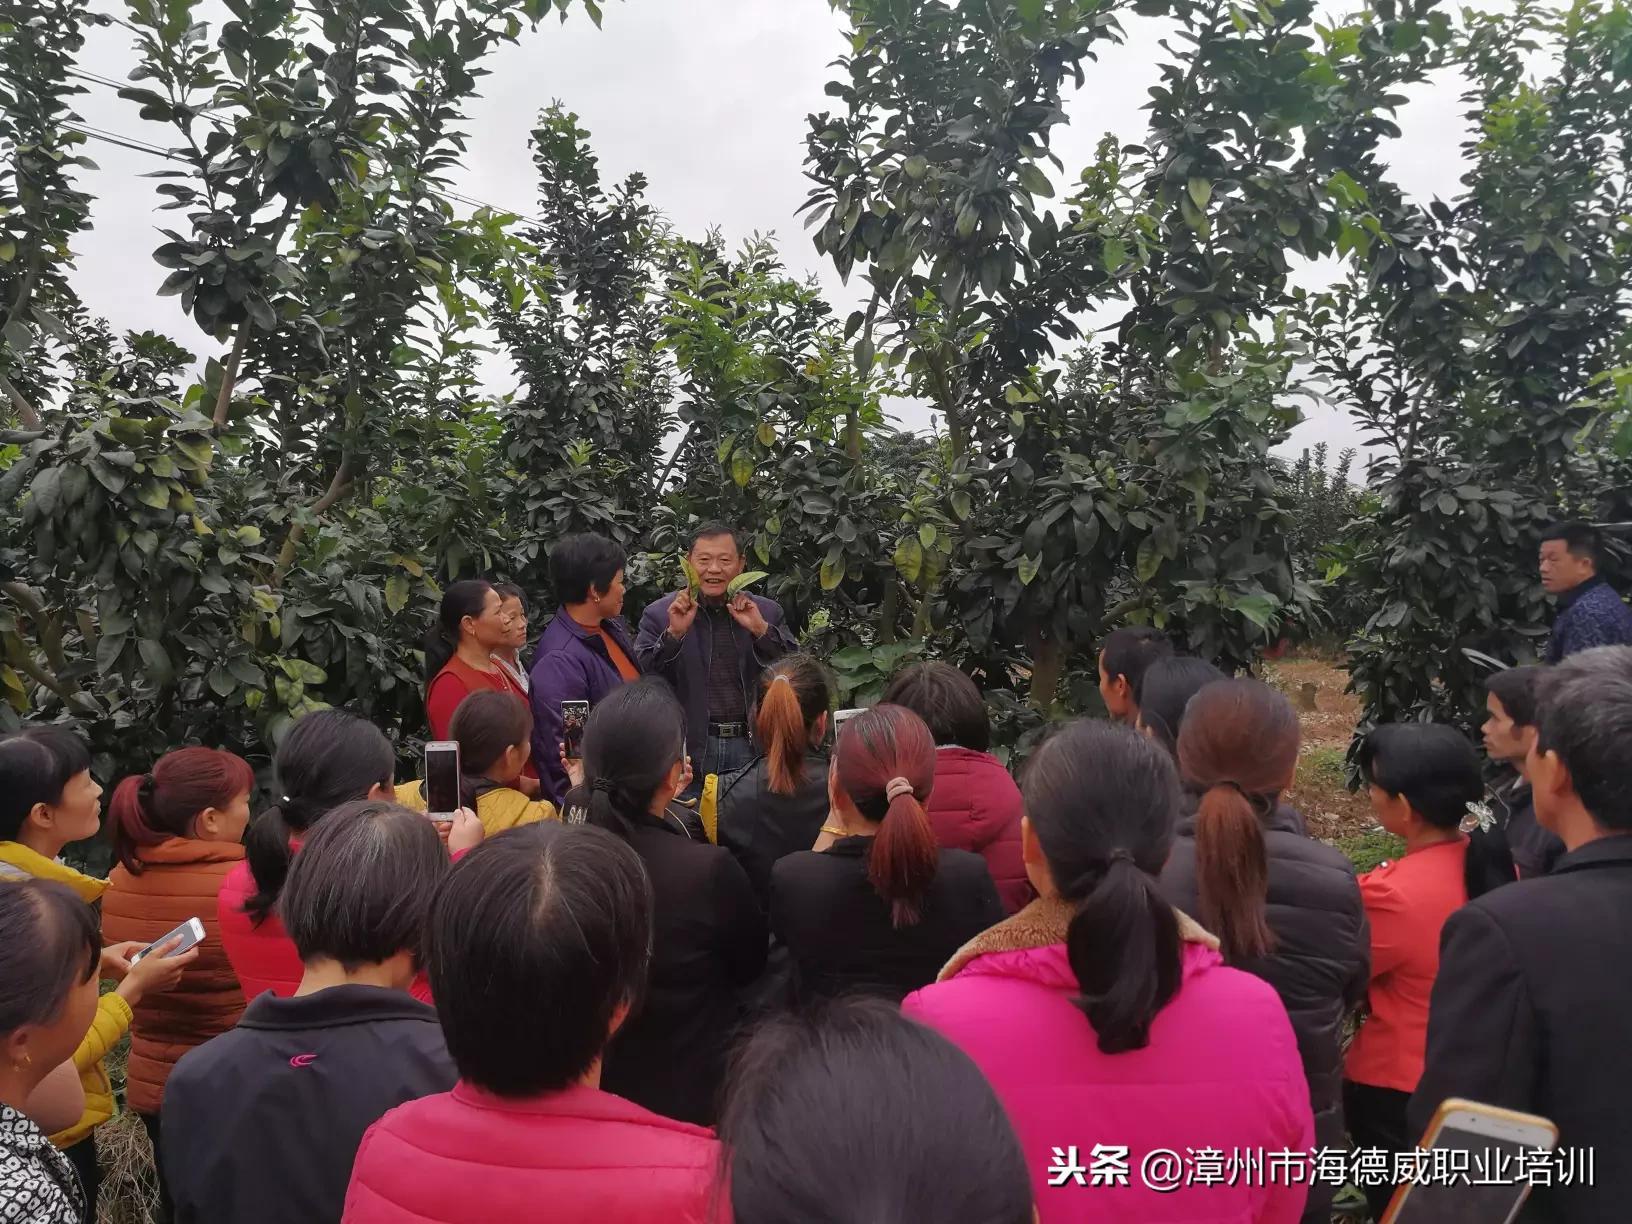 2018年平和县安厚镇美峰村新型职业农民(蜜柚生产经营管理)培训班 顺利结业